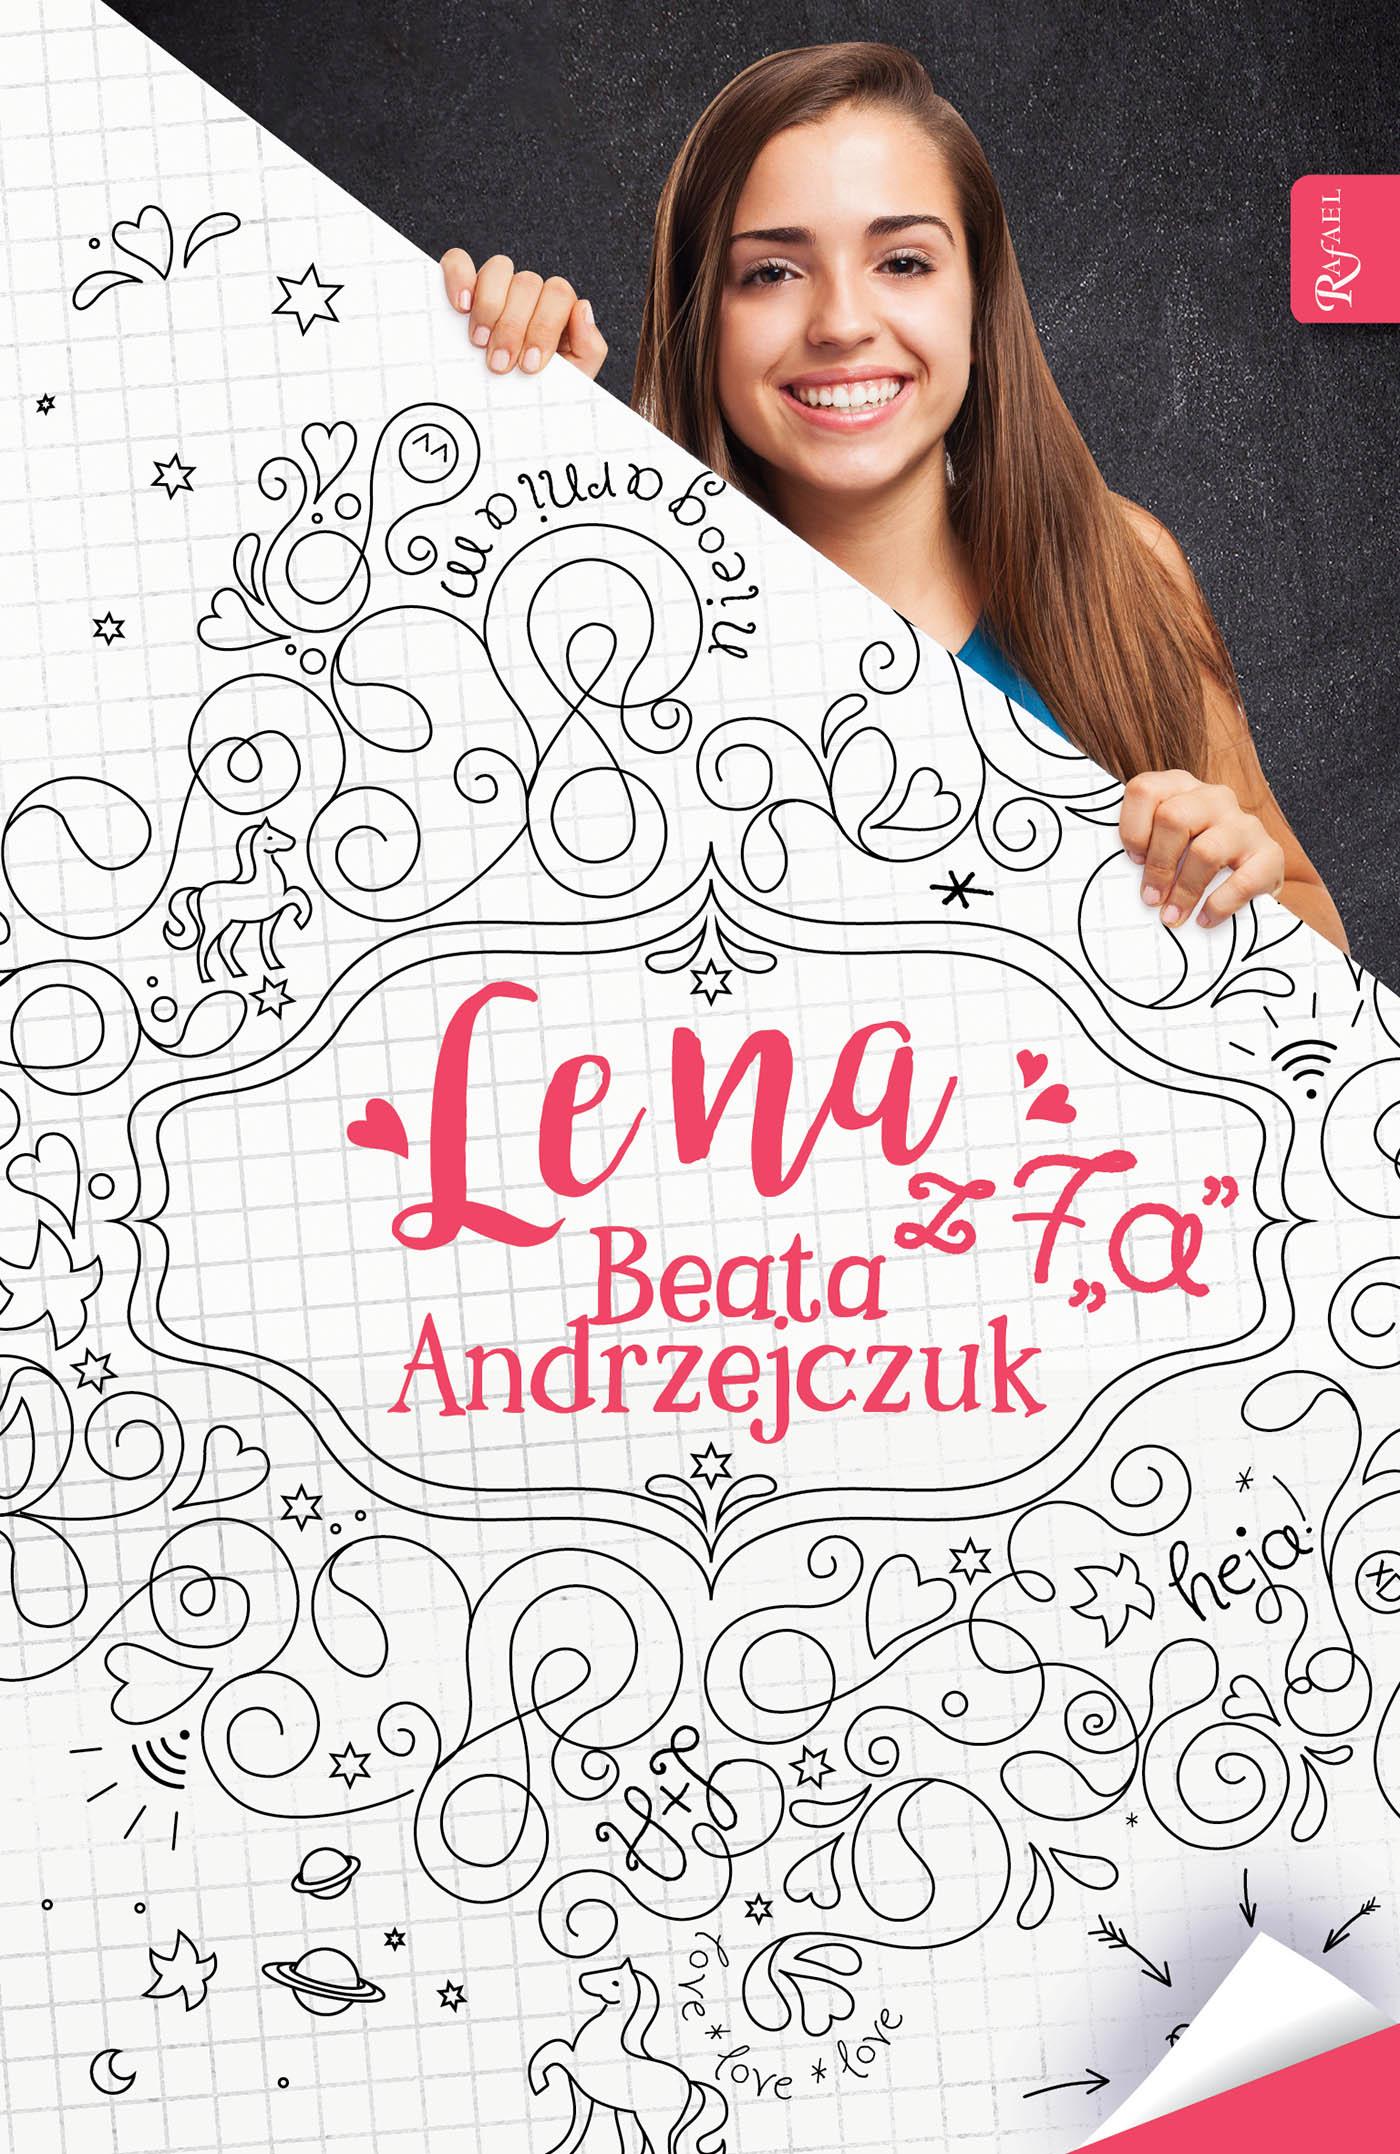 Beata Andrzejczuk Lena z 7a